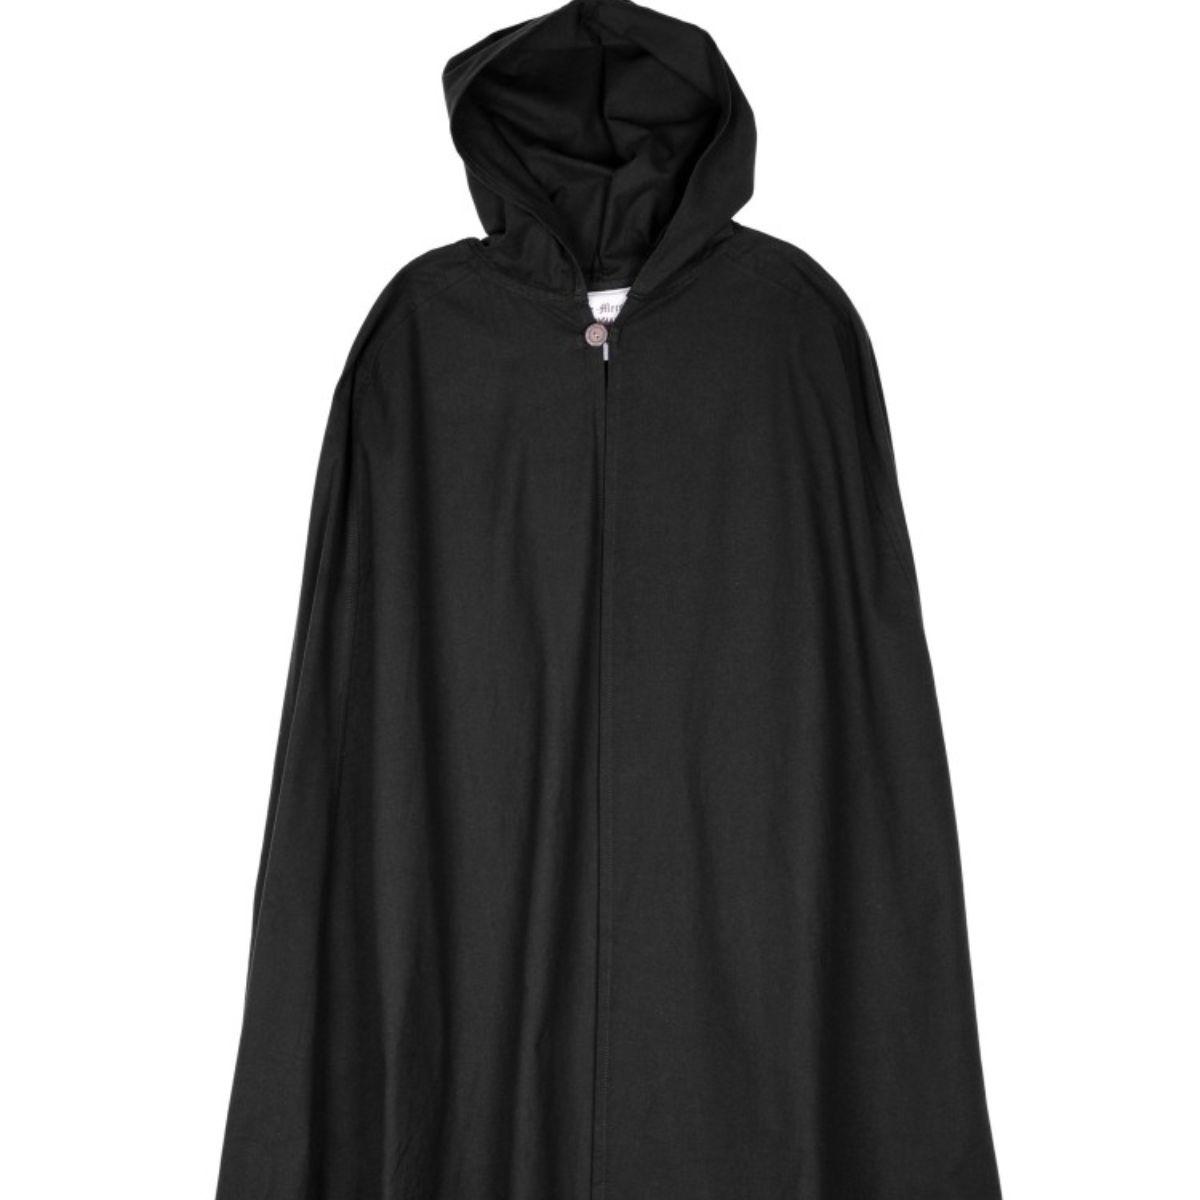 Katoenen mantel Ellyn, zwart